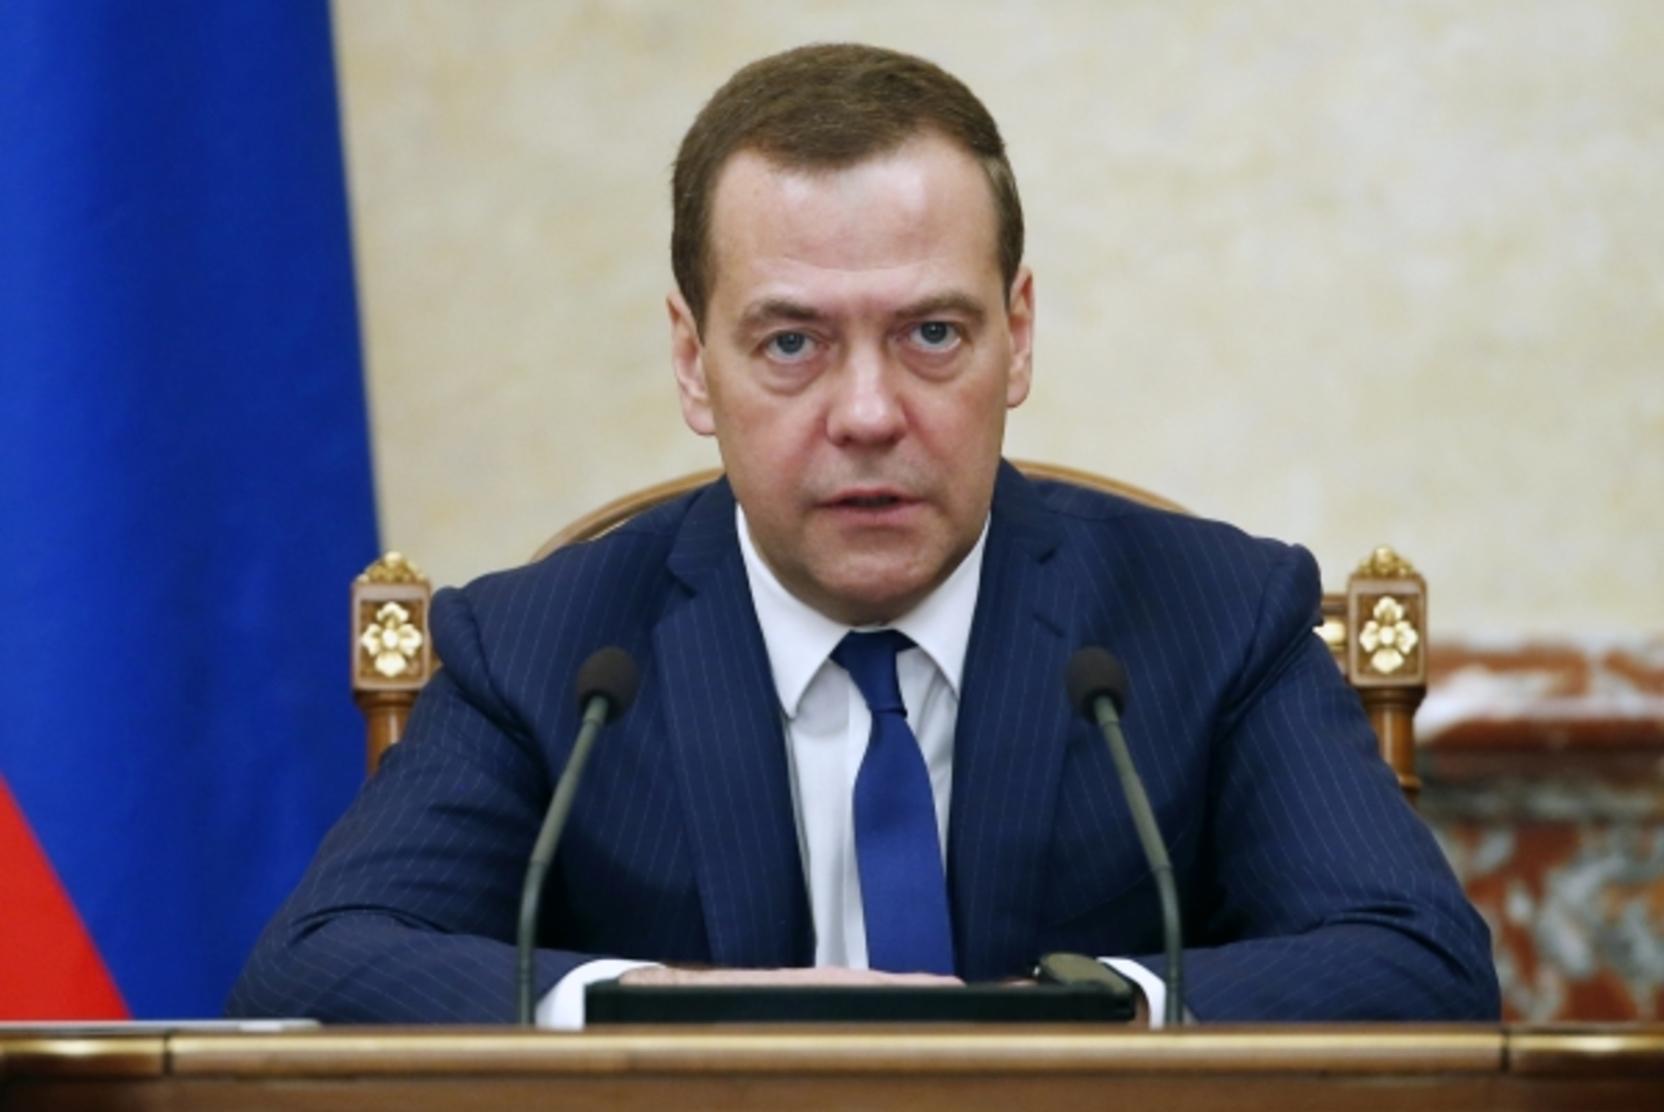 Медведев прокомментировал ситуацию вокруг Навального